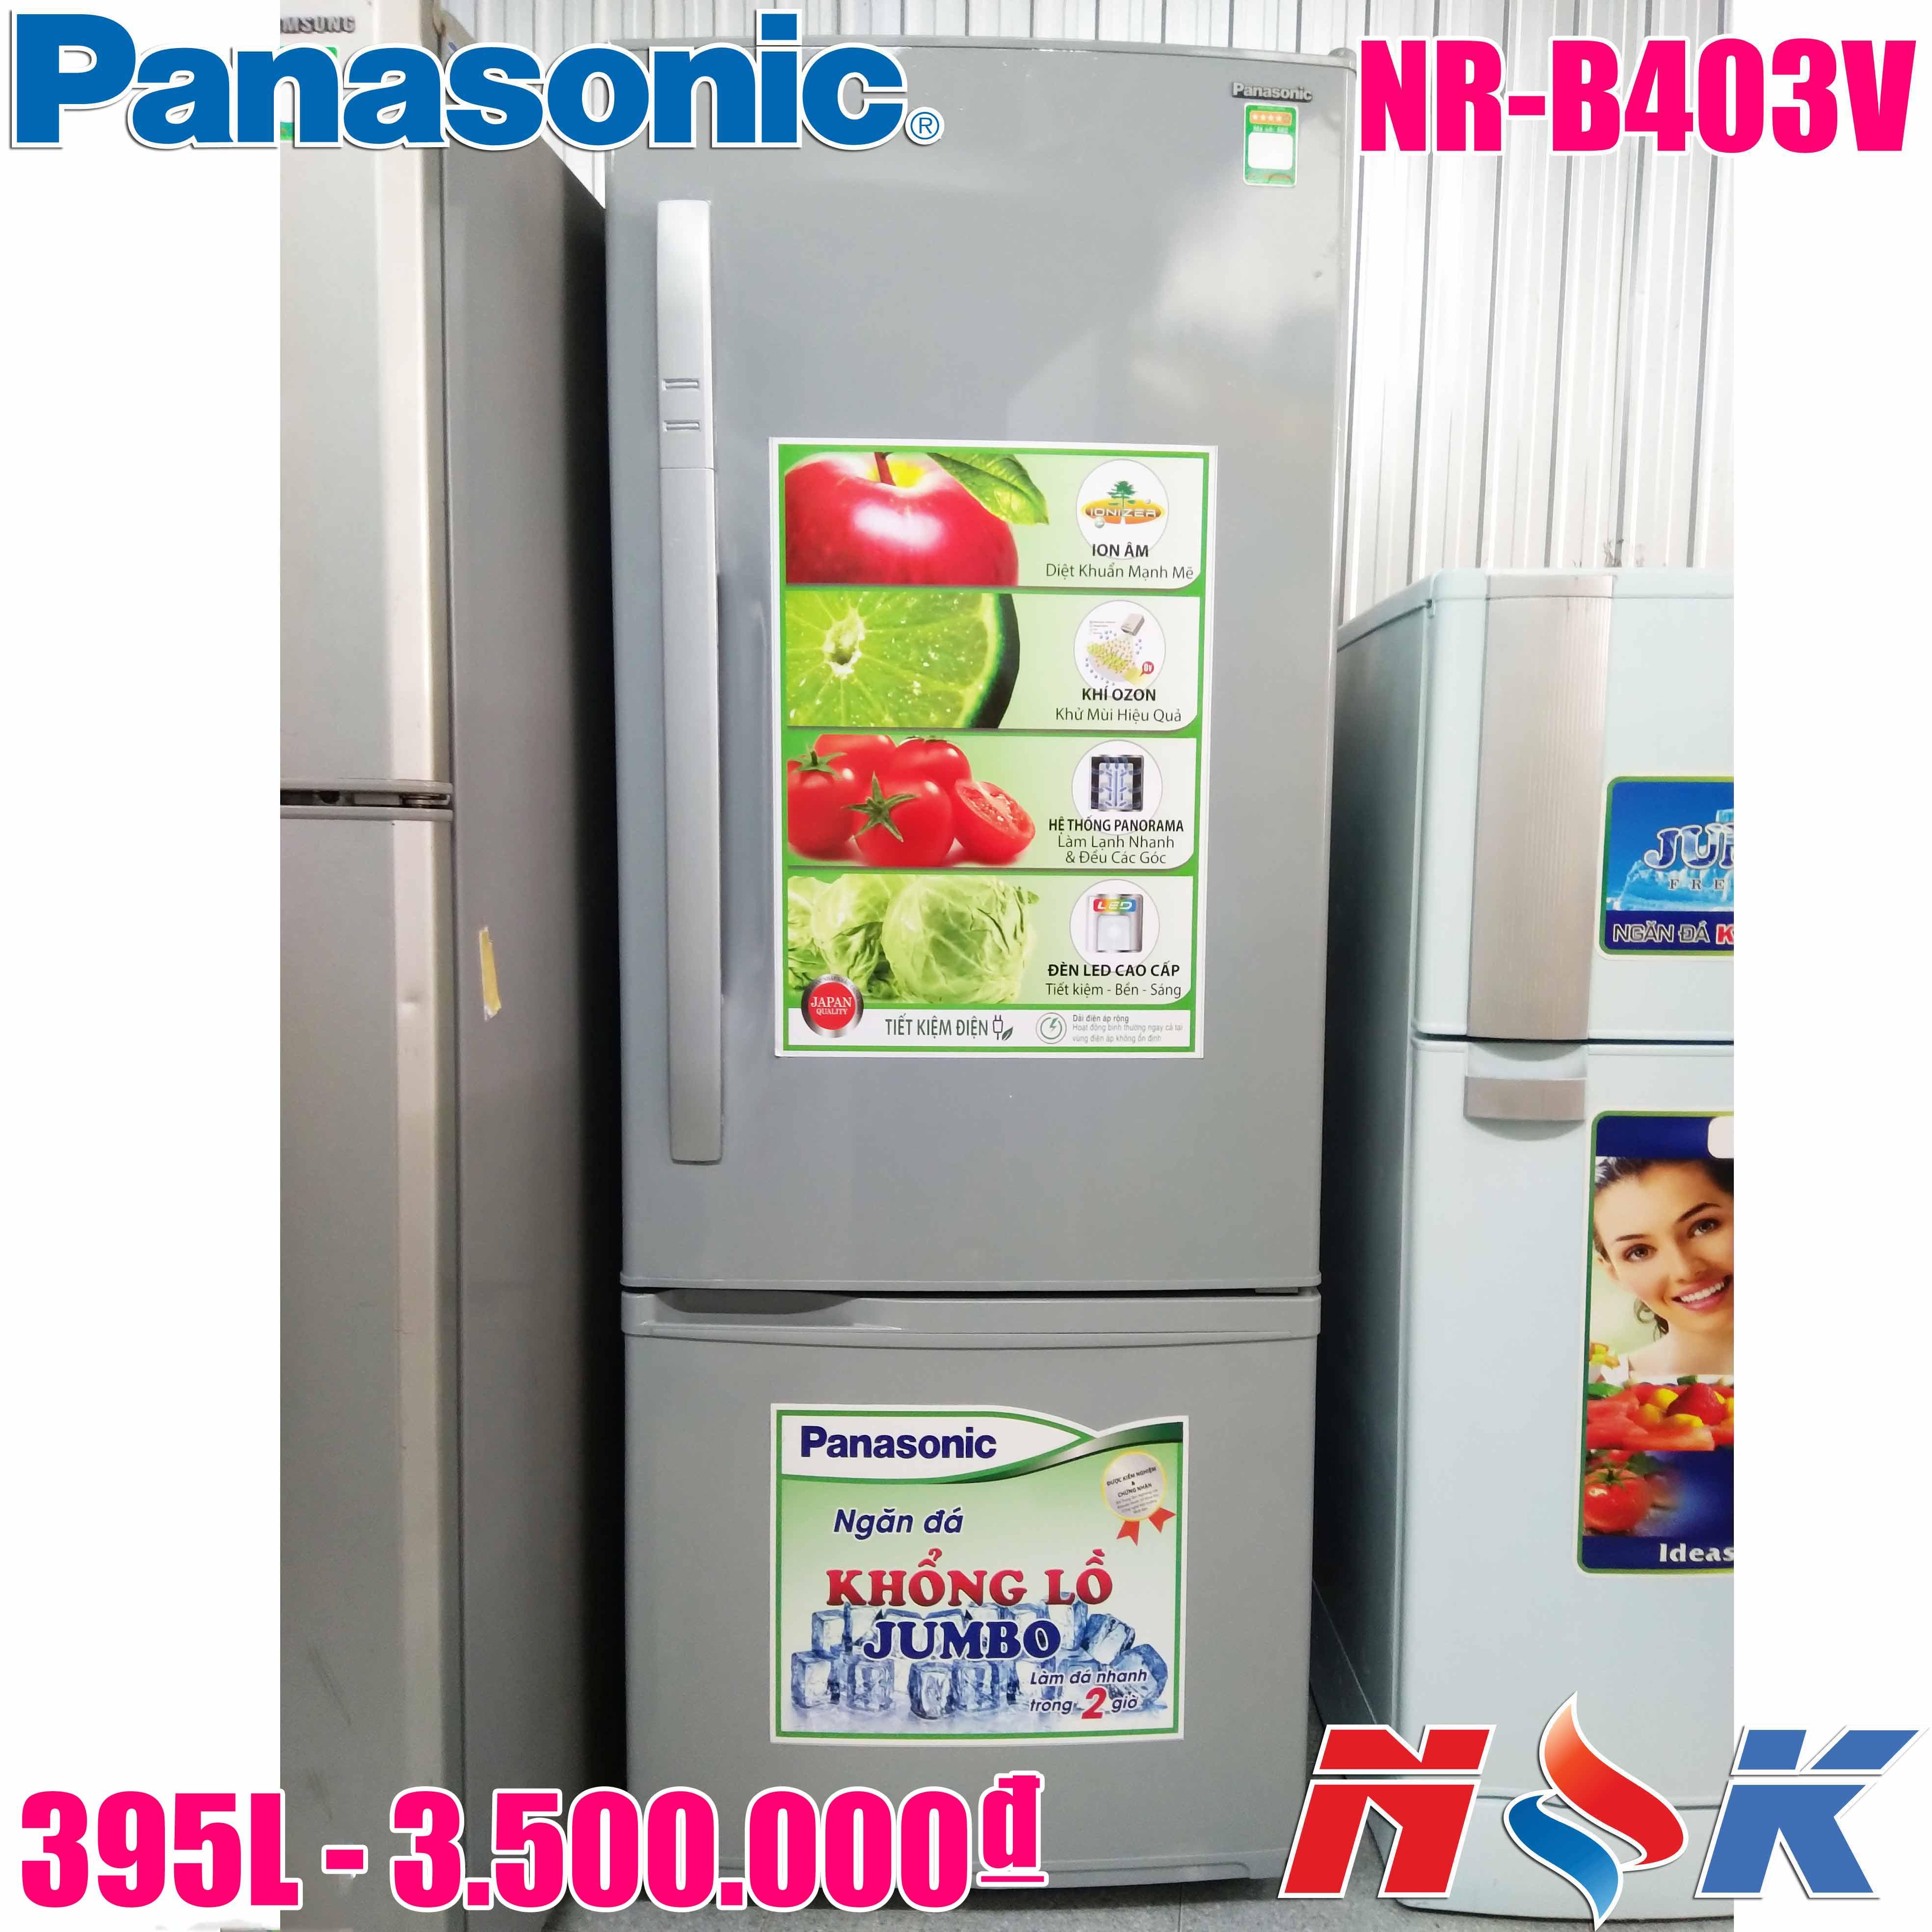 Tủ Lạnh Toshiba, Sanyo, Samsung, Panasonic... Mới & Cũ Giá Rẻ !!! - 11